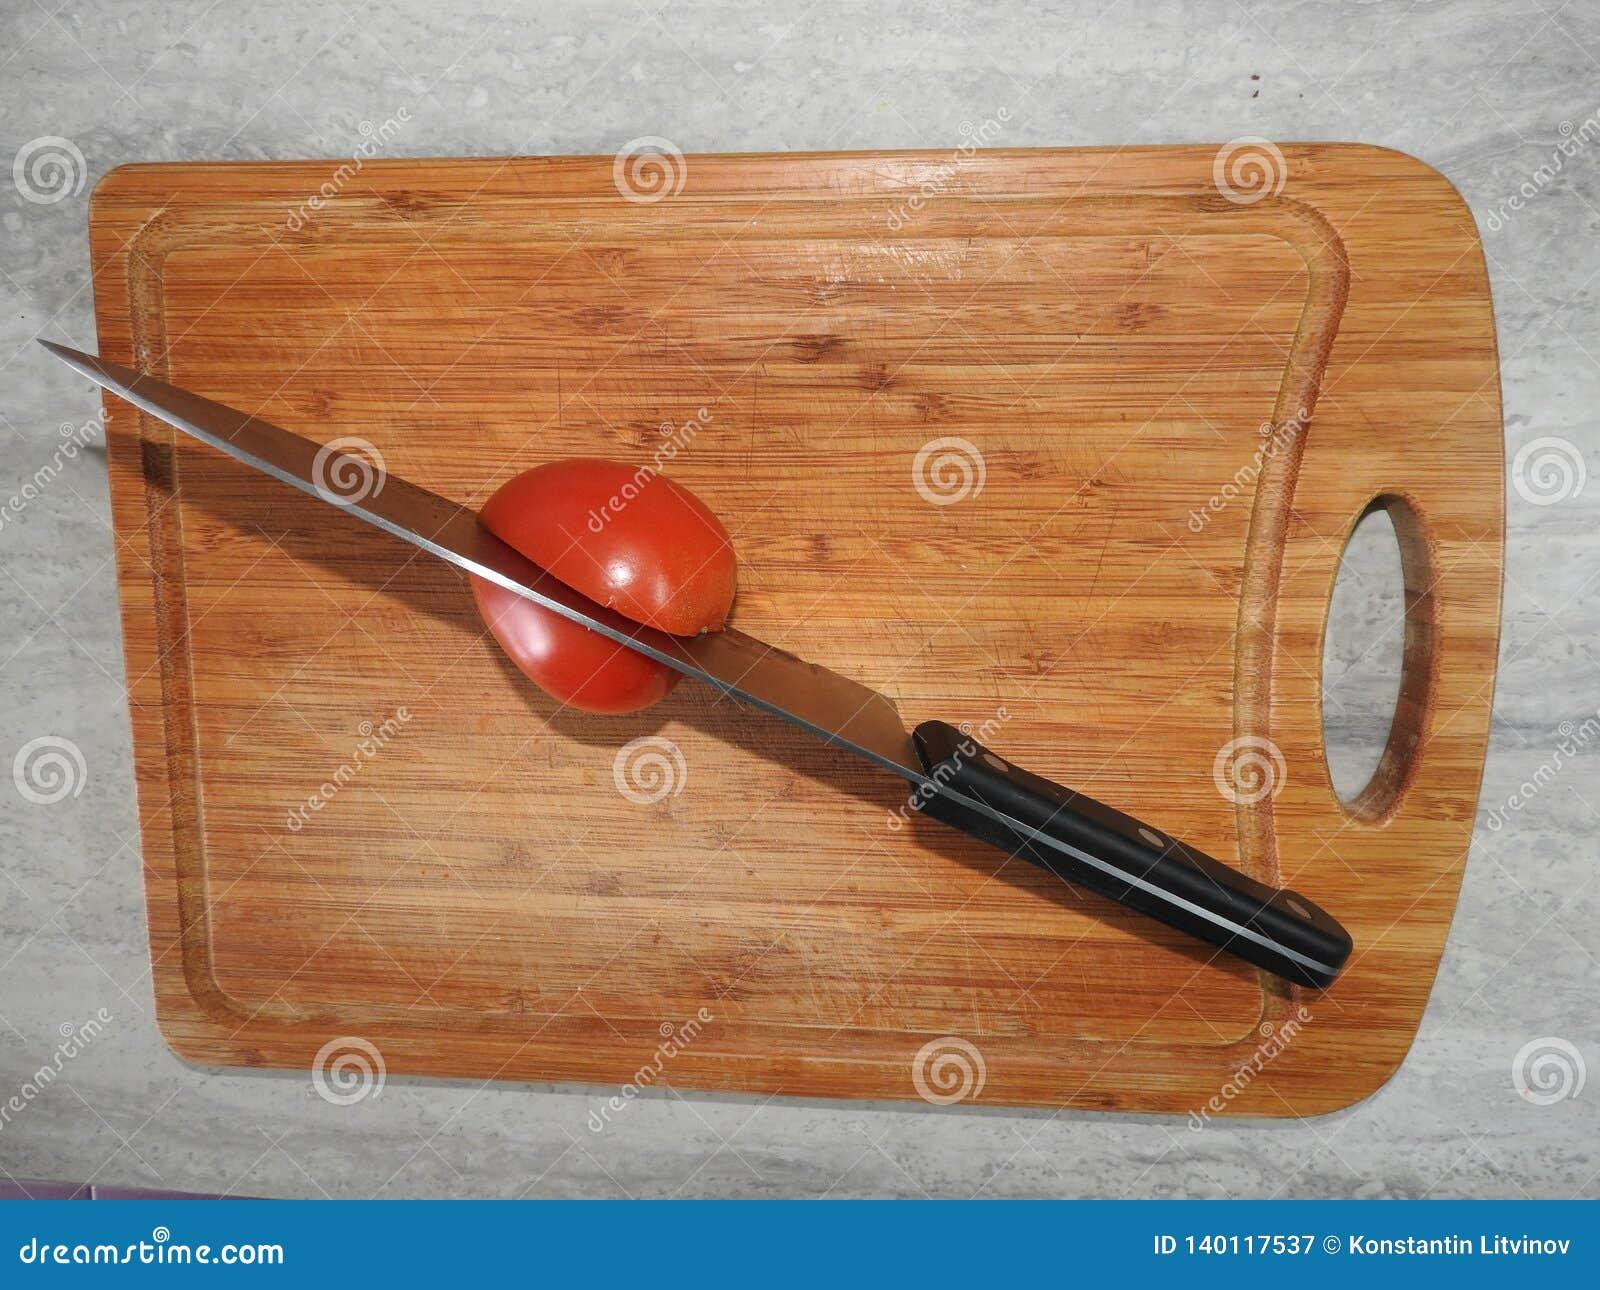 Tablero de madera para cortar las comidas en la tabla en la cocina